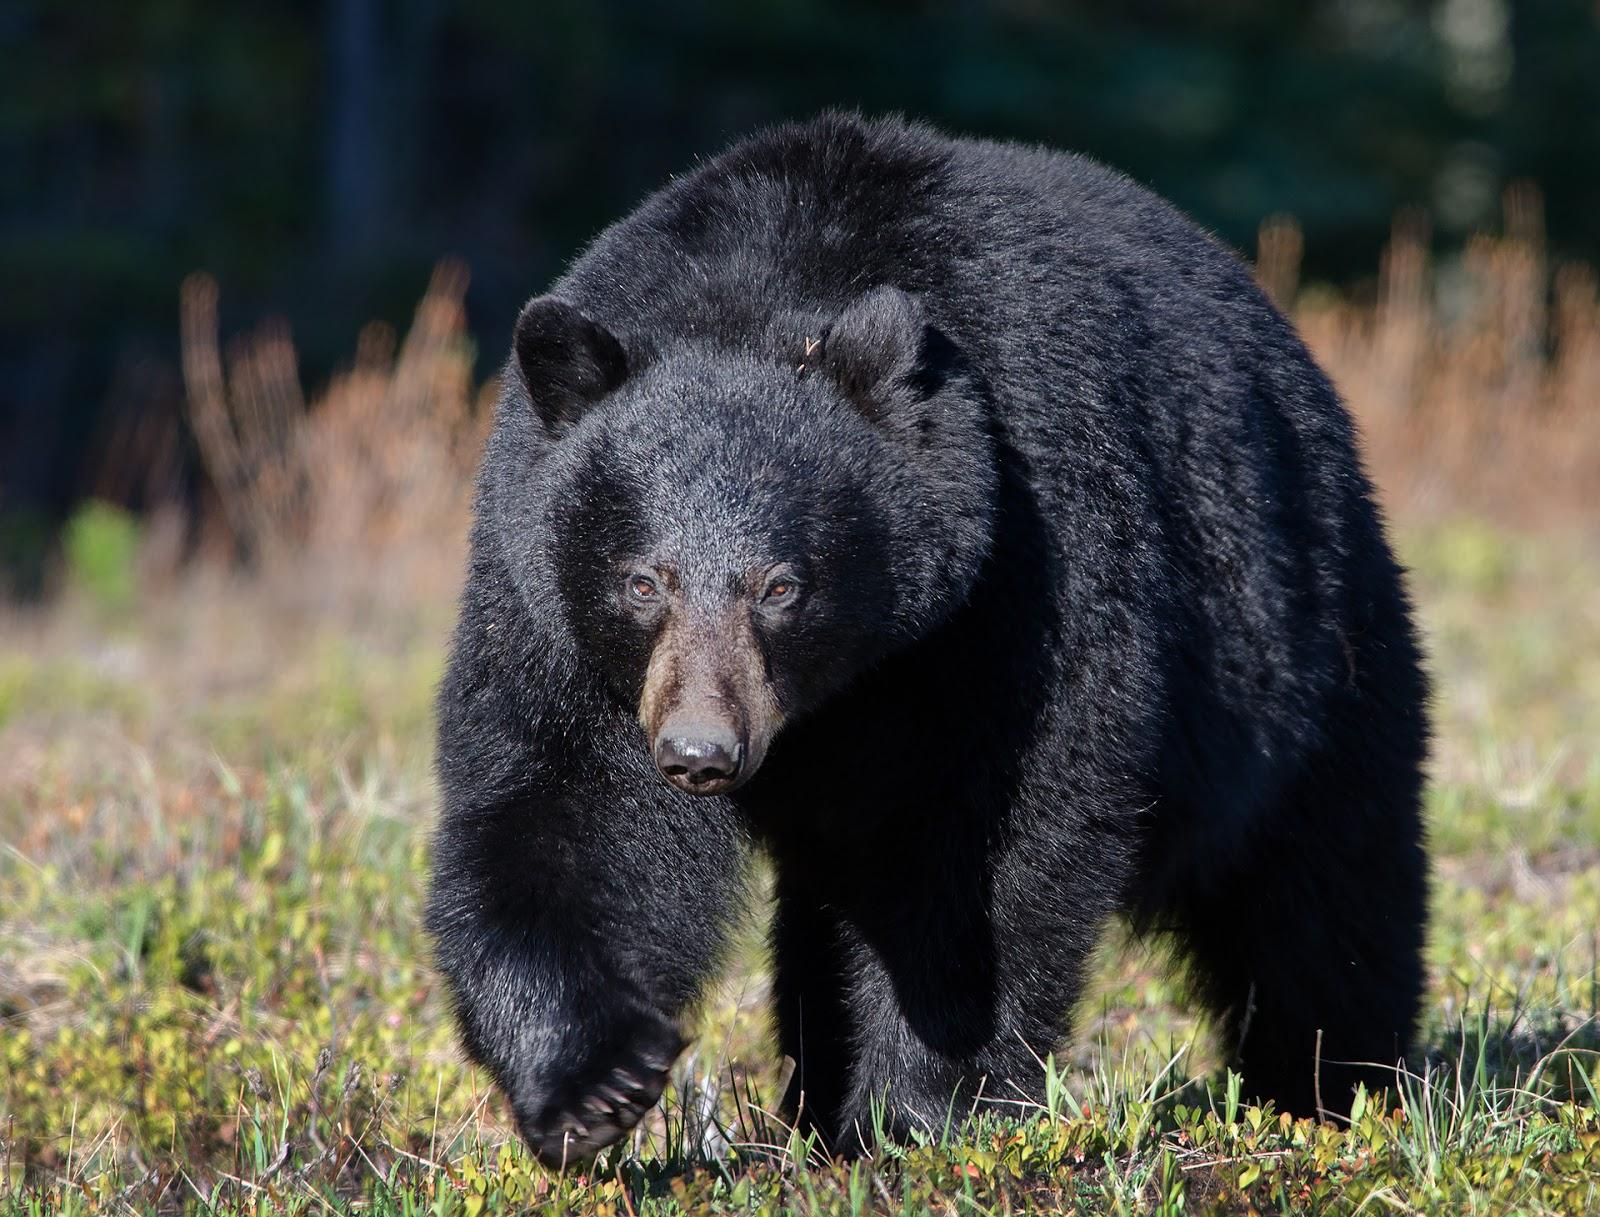 Imágenes De Animales En Hd Para Fondo De Pantalla: Fondo De Pantalla Animales Oso Negro Caminando